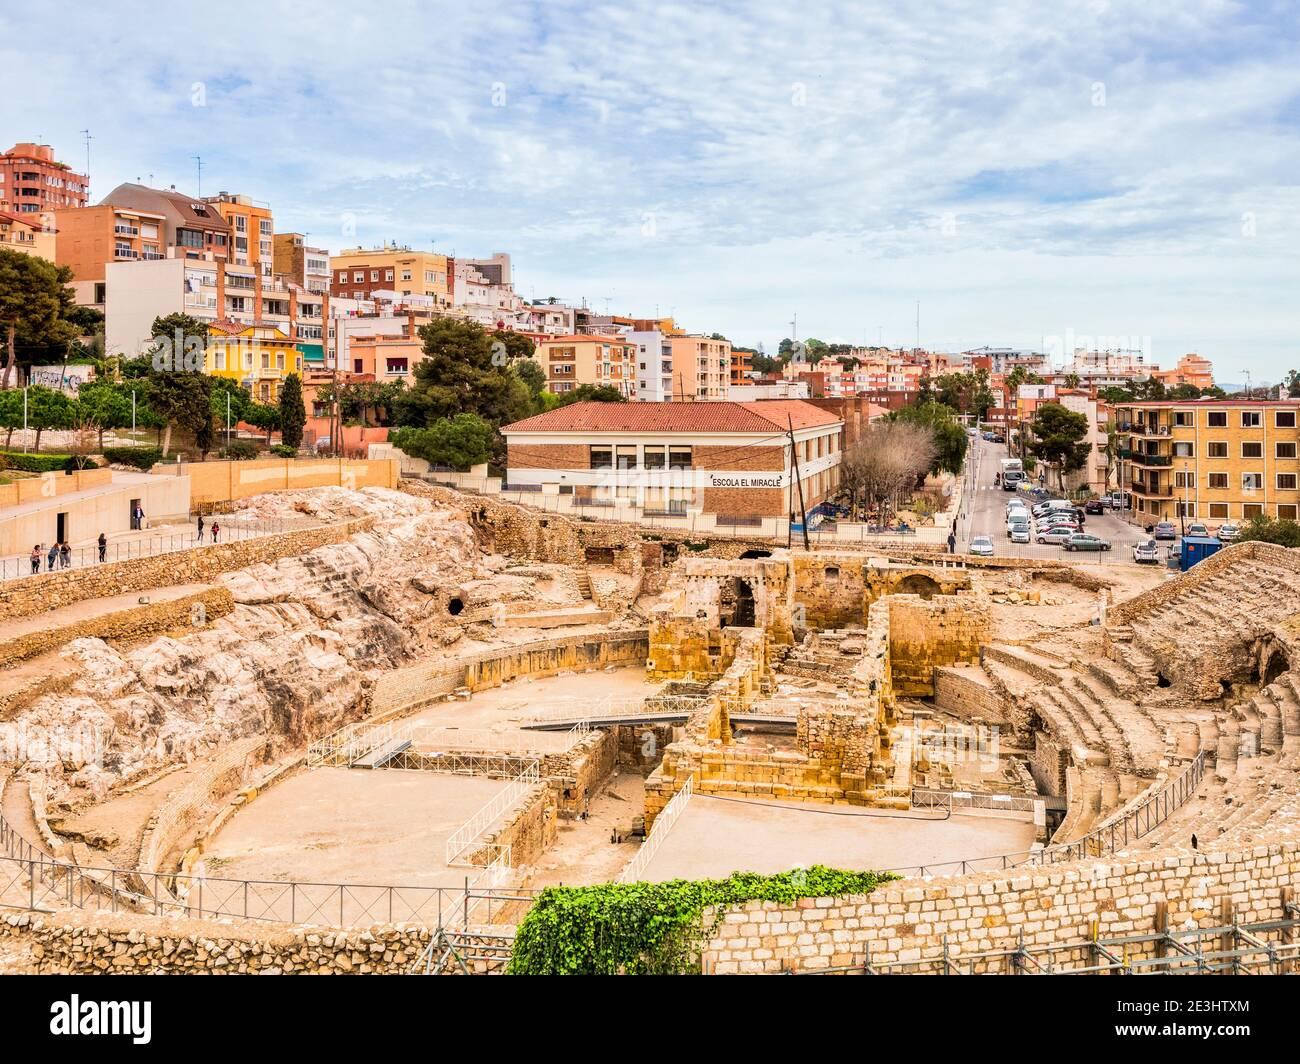 5 de marzo de 2020: Tarragona, España - el Anfiteatro Romano de Tarragona en primavera. Foto de stock